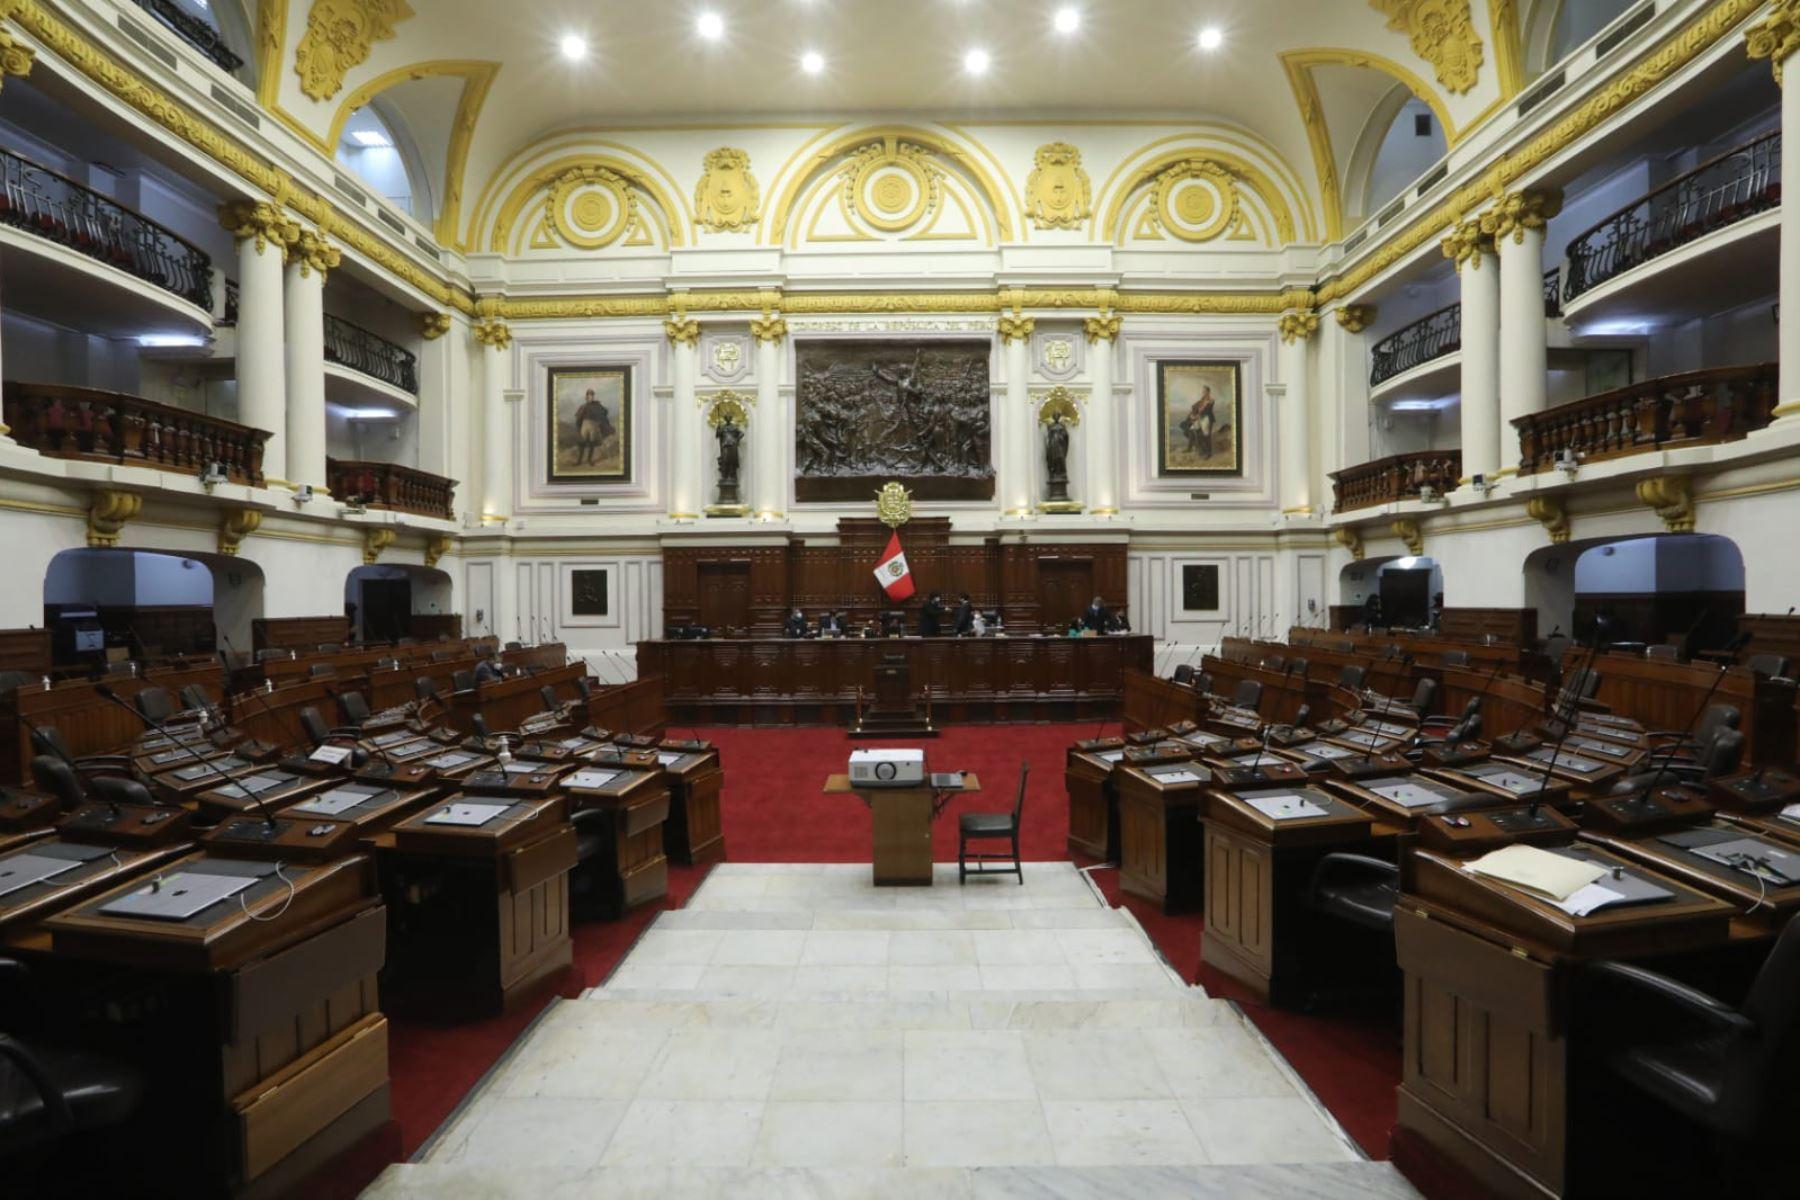 Congreso: Junta de Portavoces se reúne hoy para ver elección de magistrados al TC